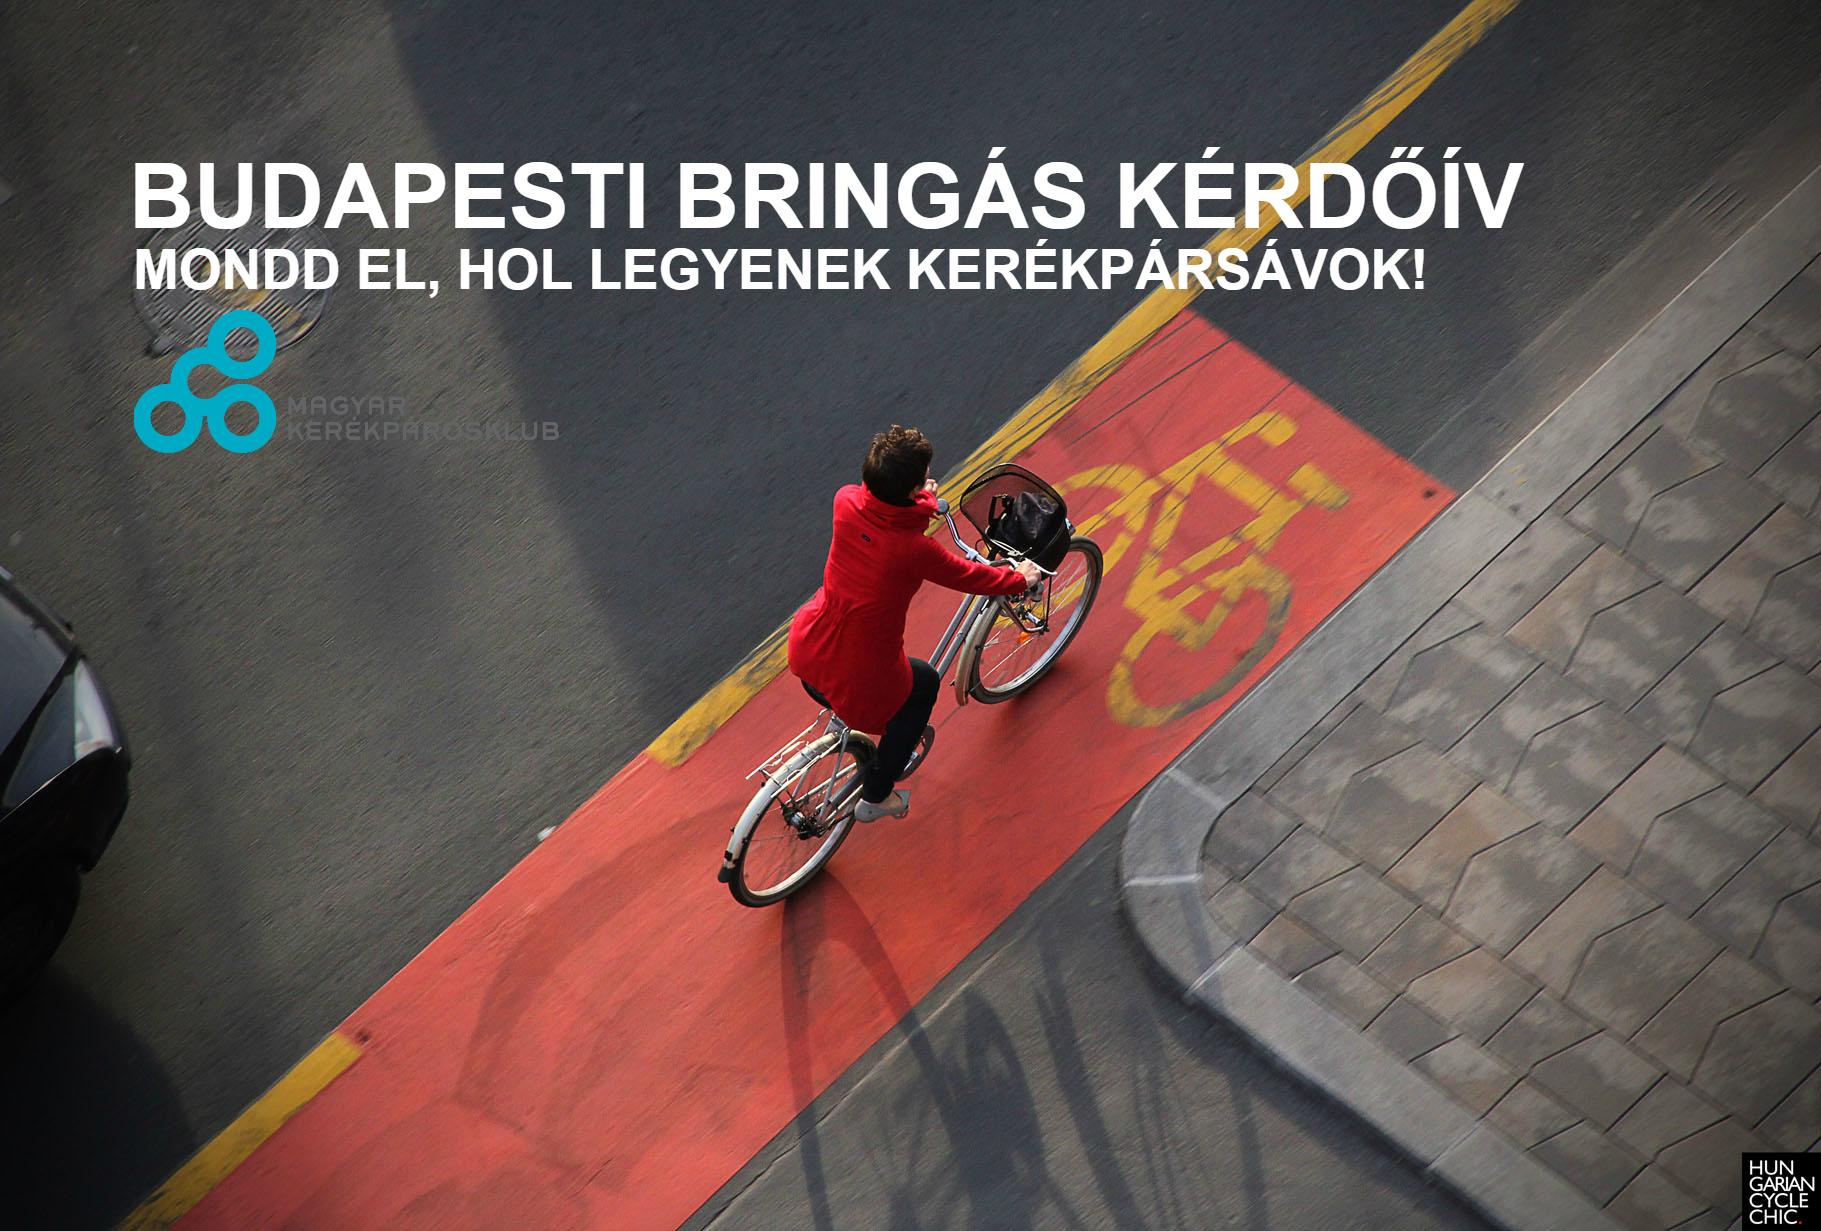 Szólj bele a budapesti kerékpáros fejlesztésekbe, töltsd ki kérdőívünket!